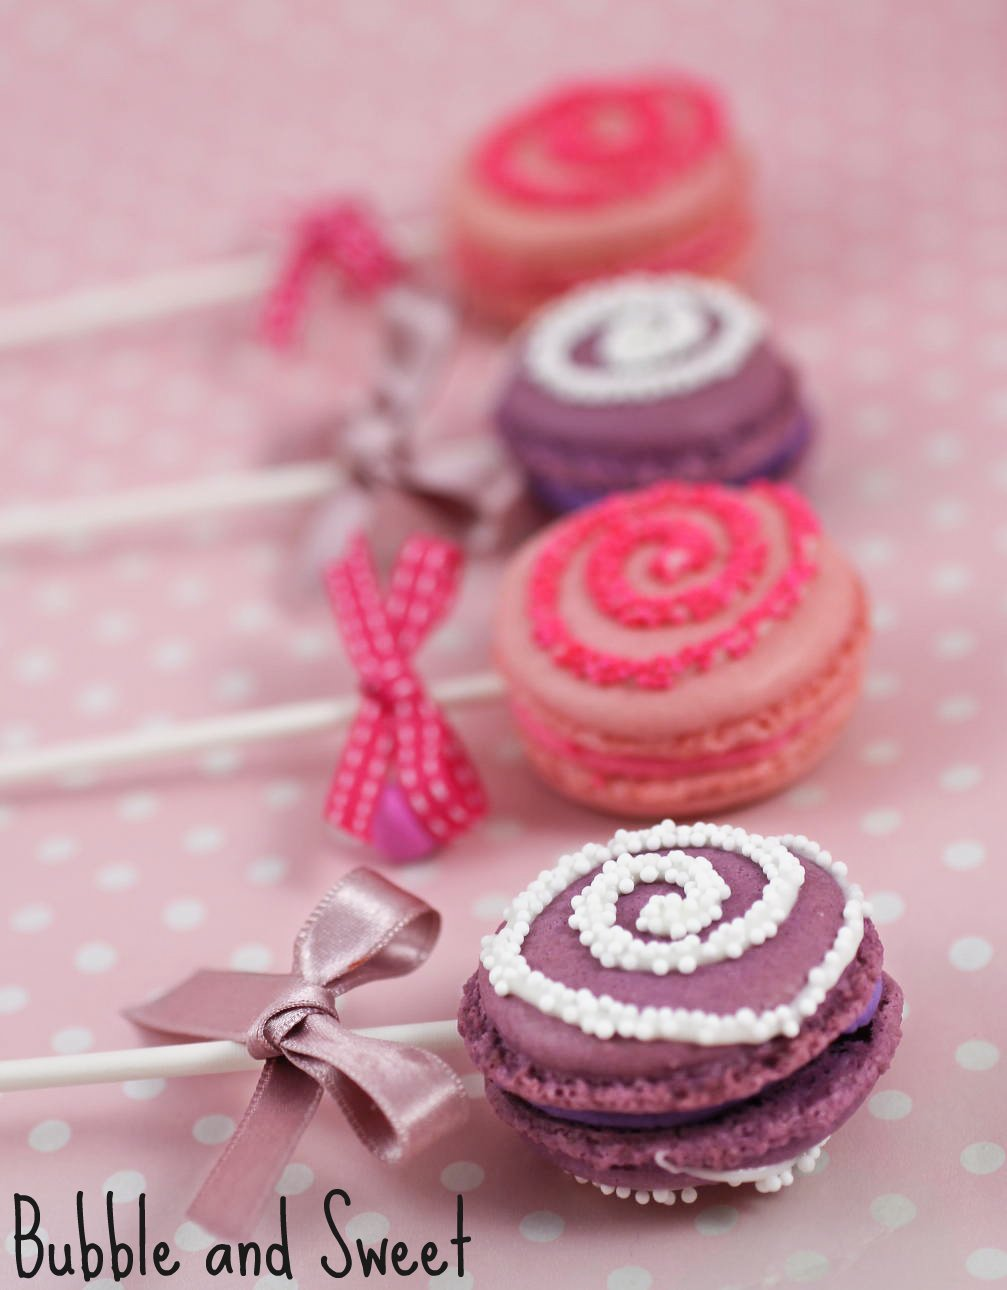 ... semi mexi birthday c a ke str a wberry buttercre a m birthday c a ke